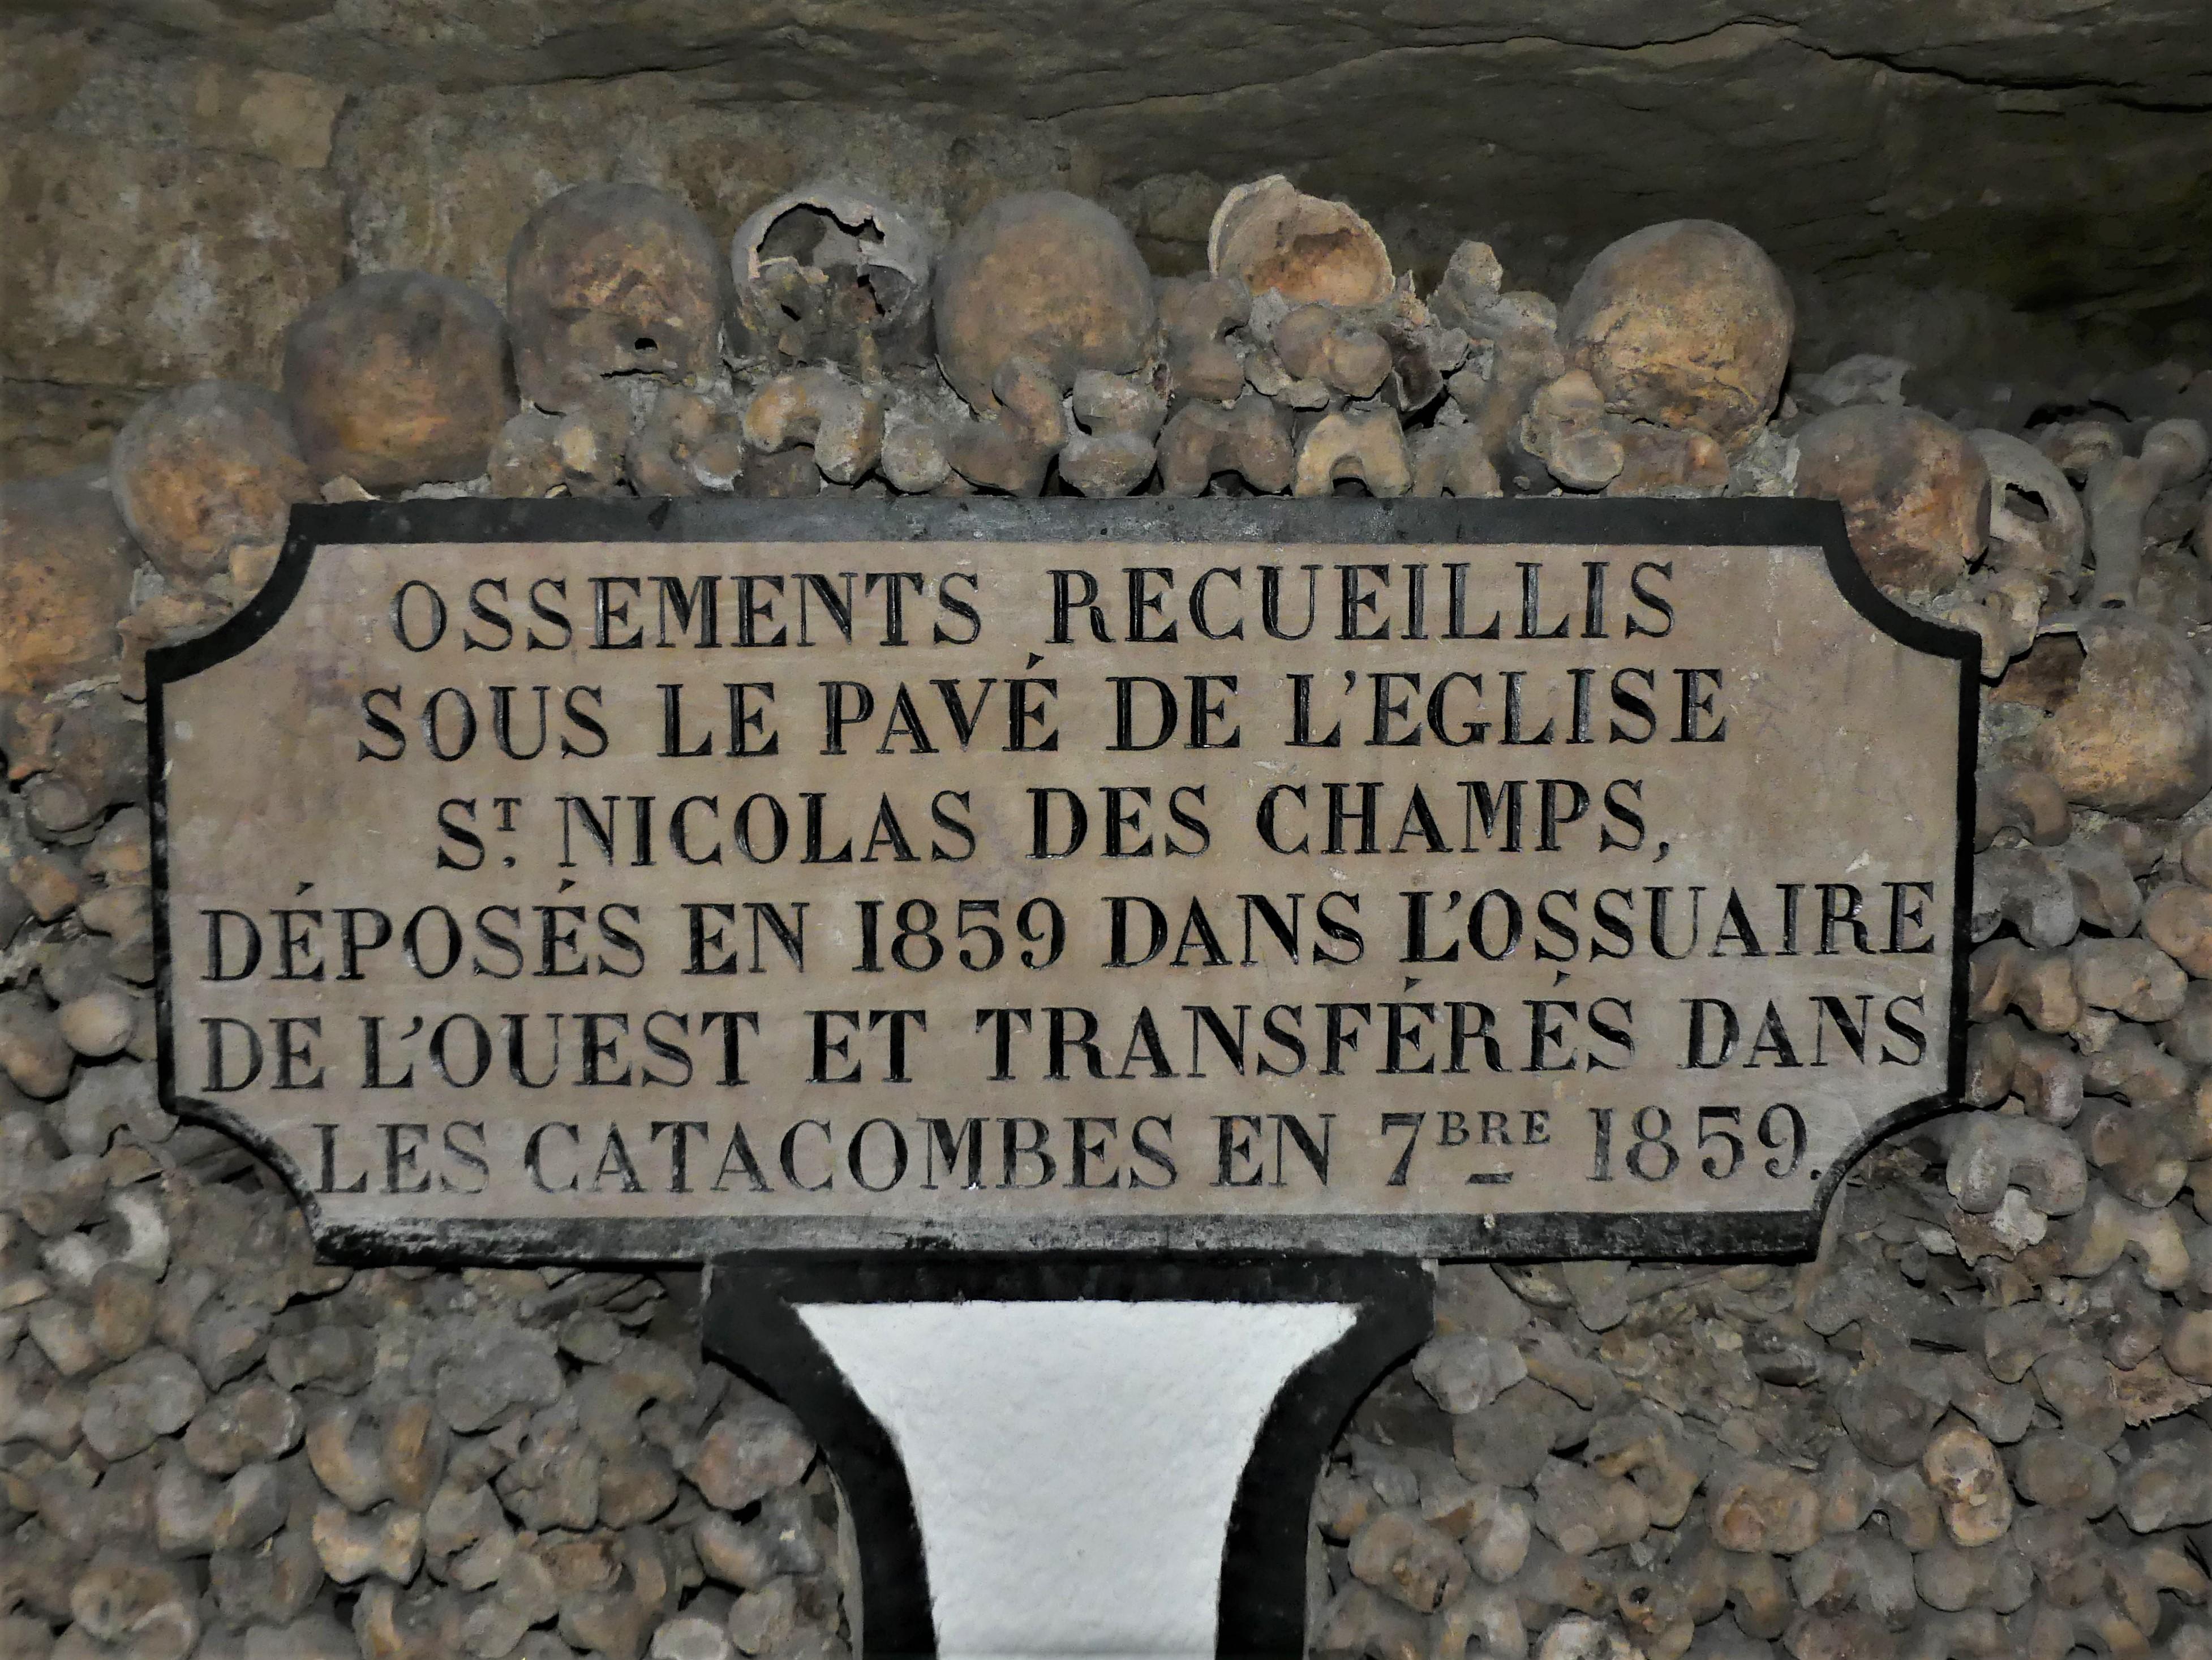 St. Nicholas Des Champs